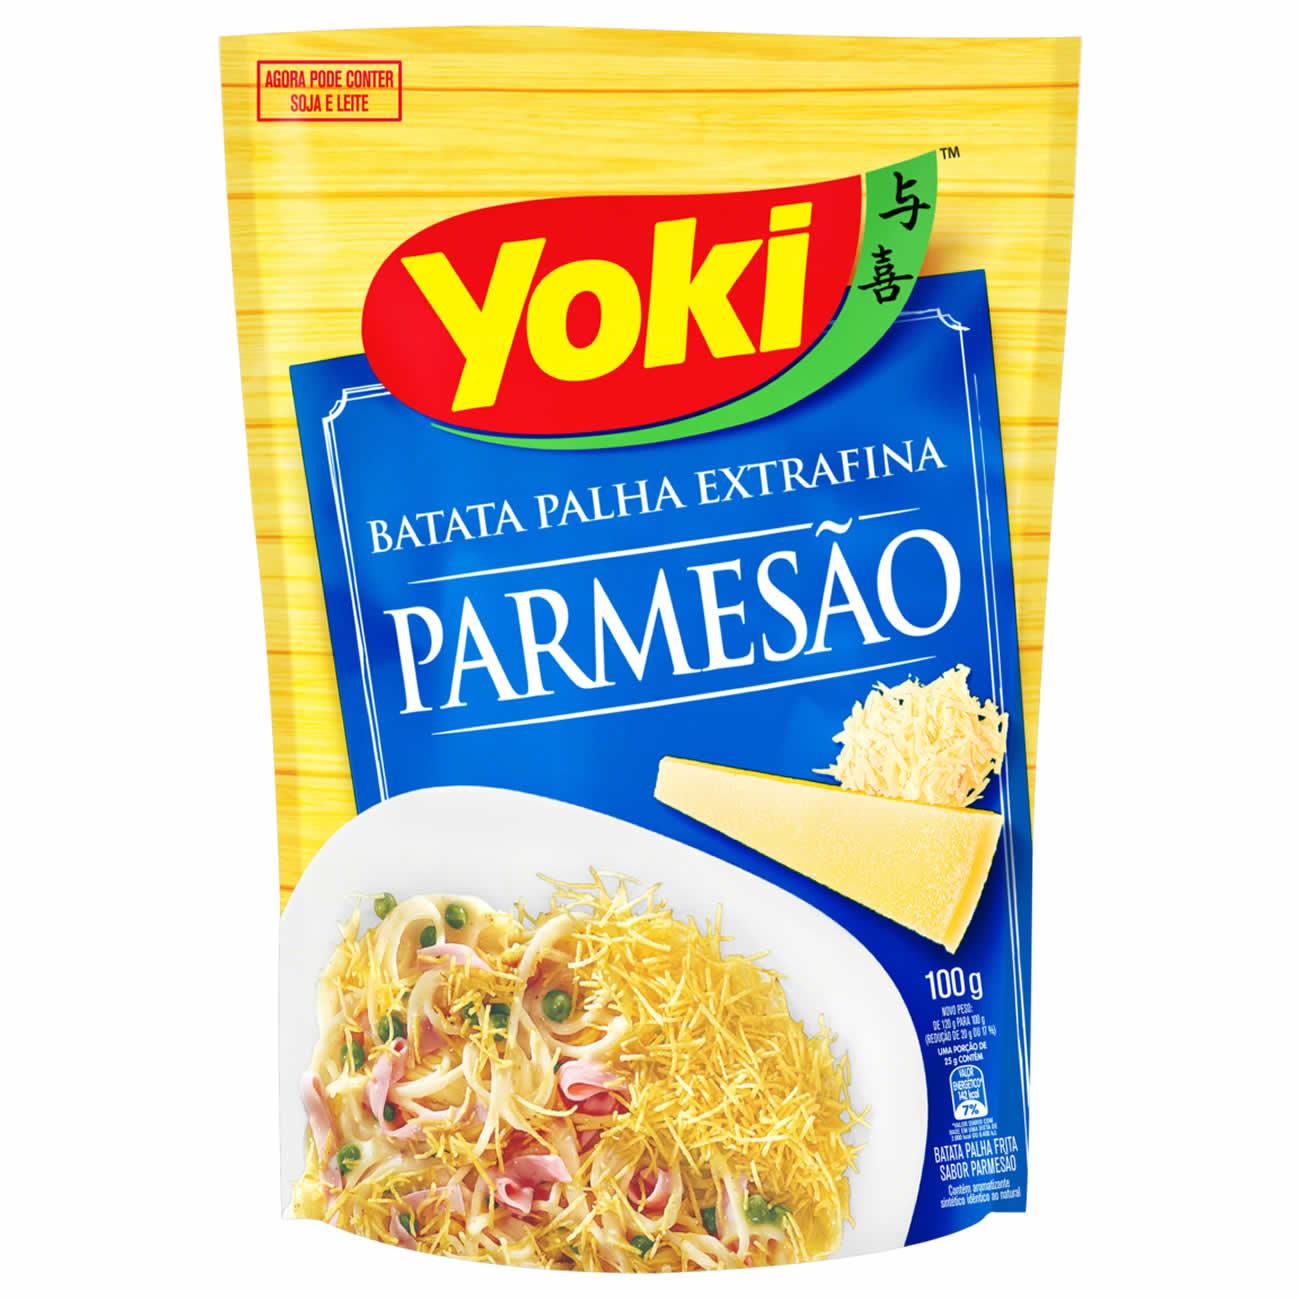 Batata Palha Yoki Parmesao 100G